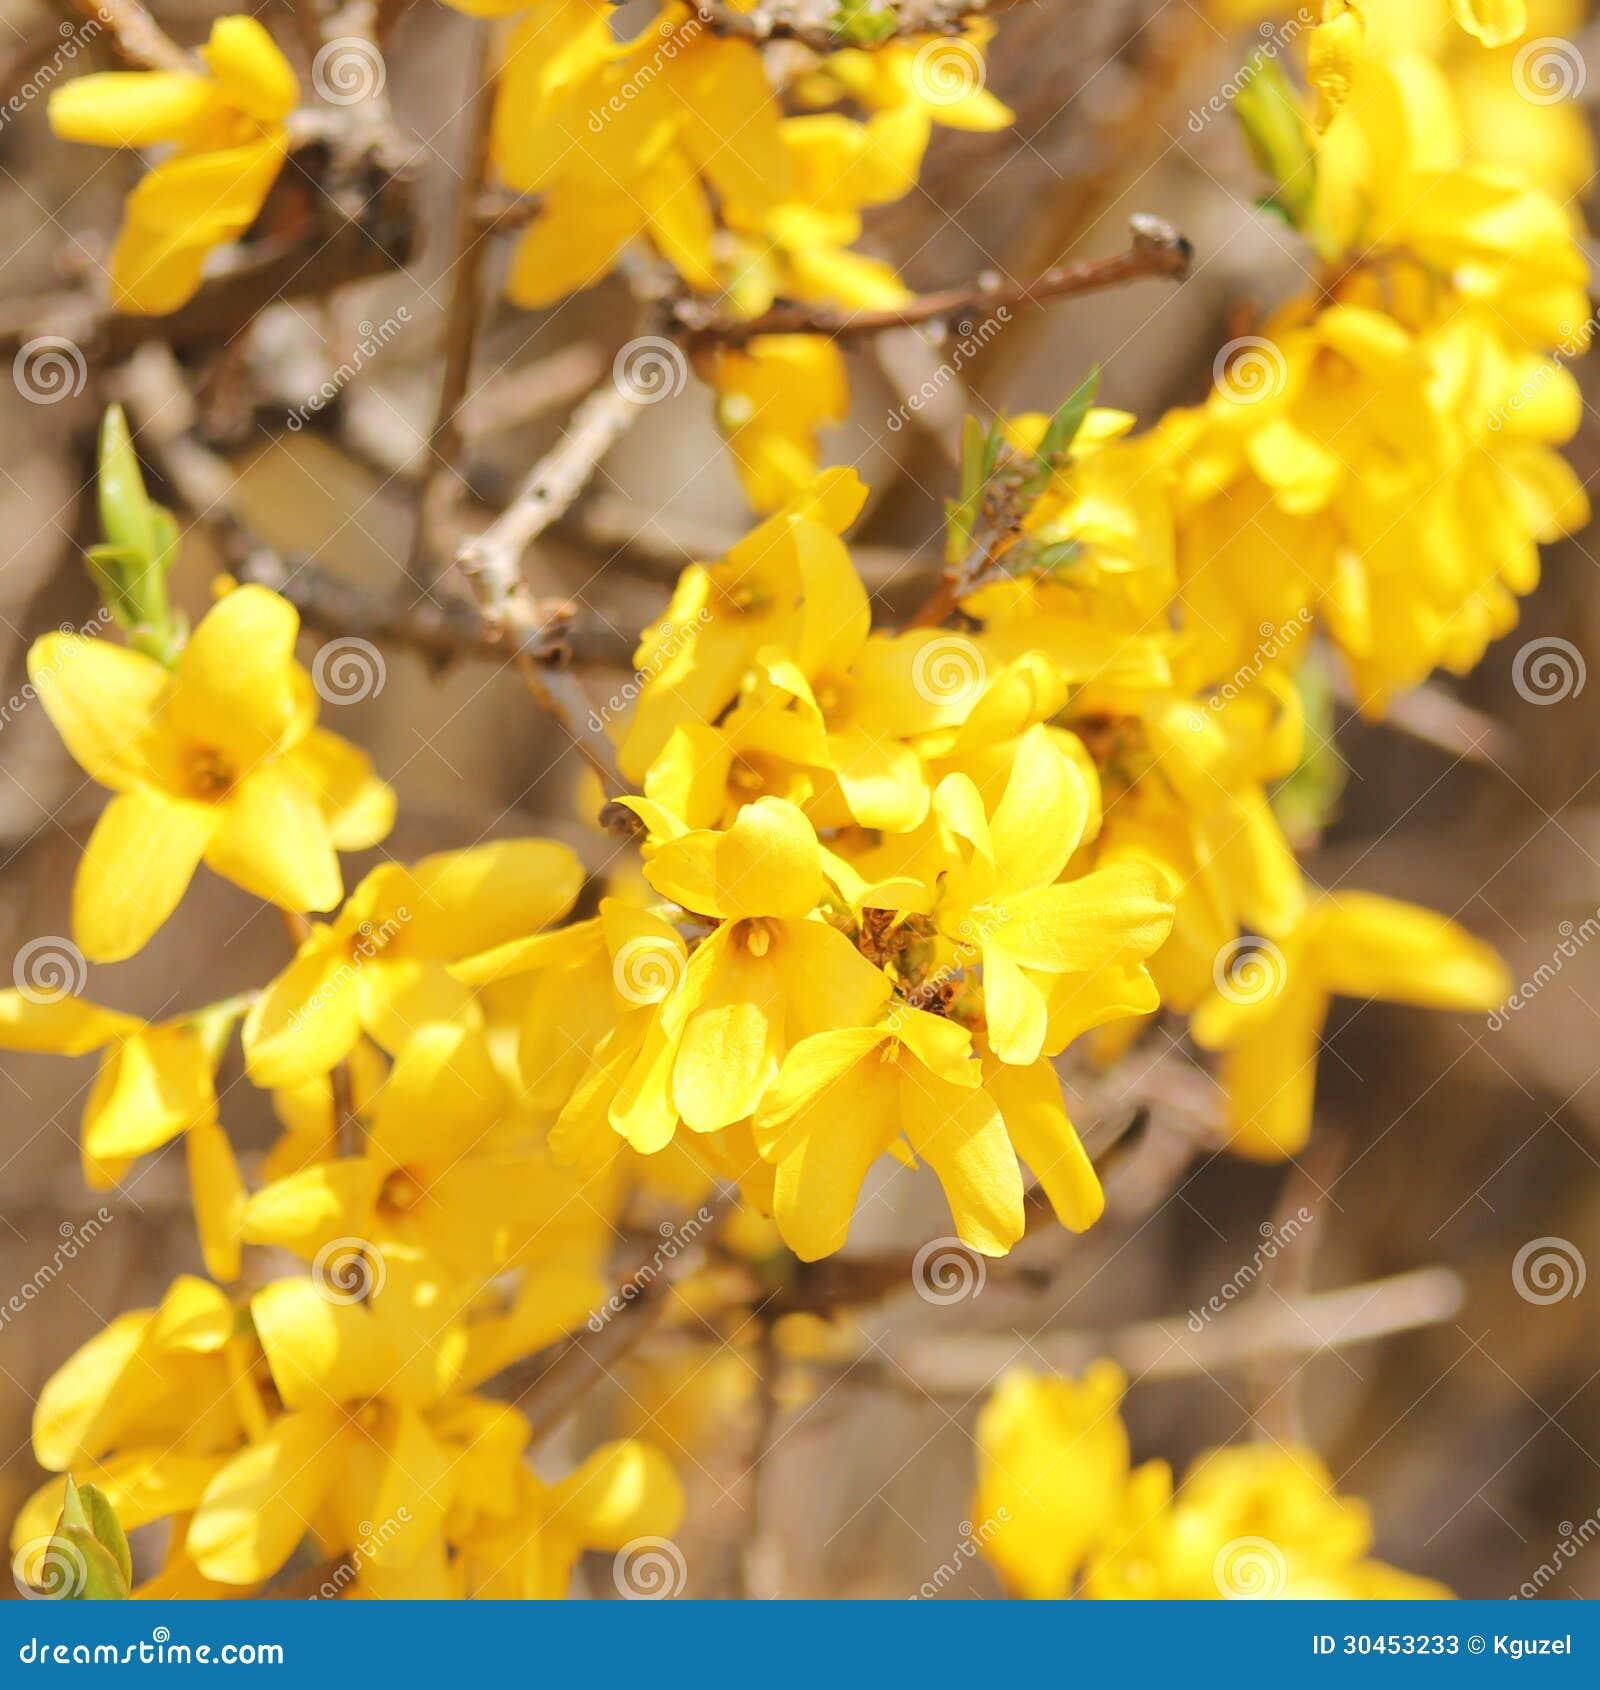 fleurs jaunes belle fleur de buisson de forsythia photos stock image 30453233. Black Bedroom Furniture Sets. Home Design Ideas